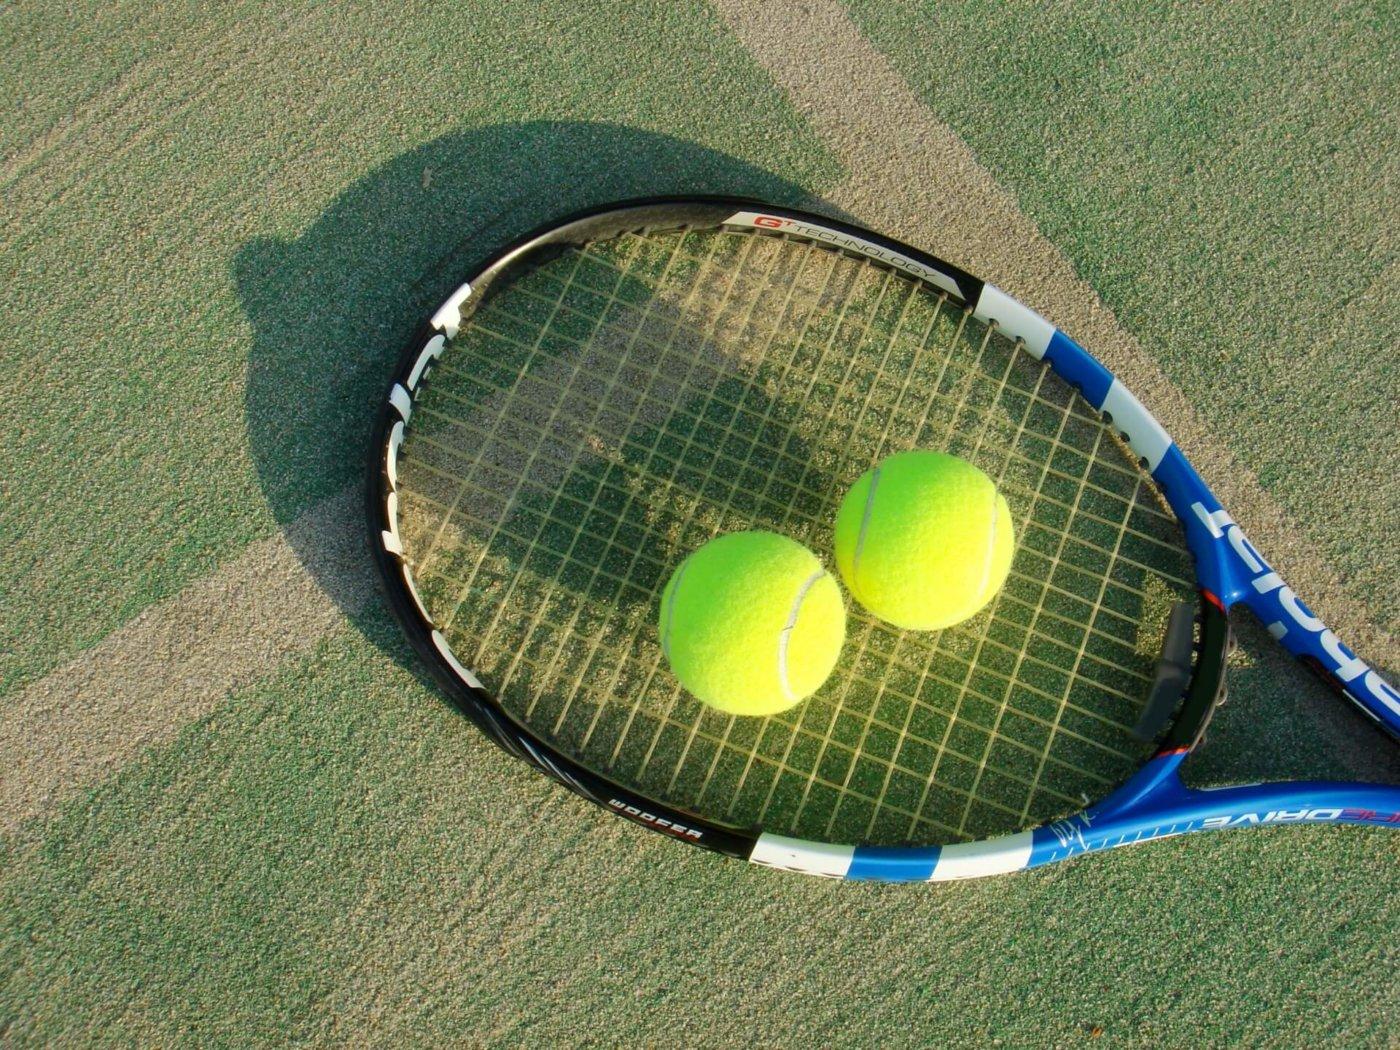 テニスの壁打ち!初心者は壁打ちをしたほうがいい?しないほうがいい?